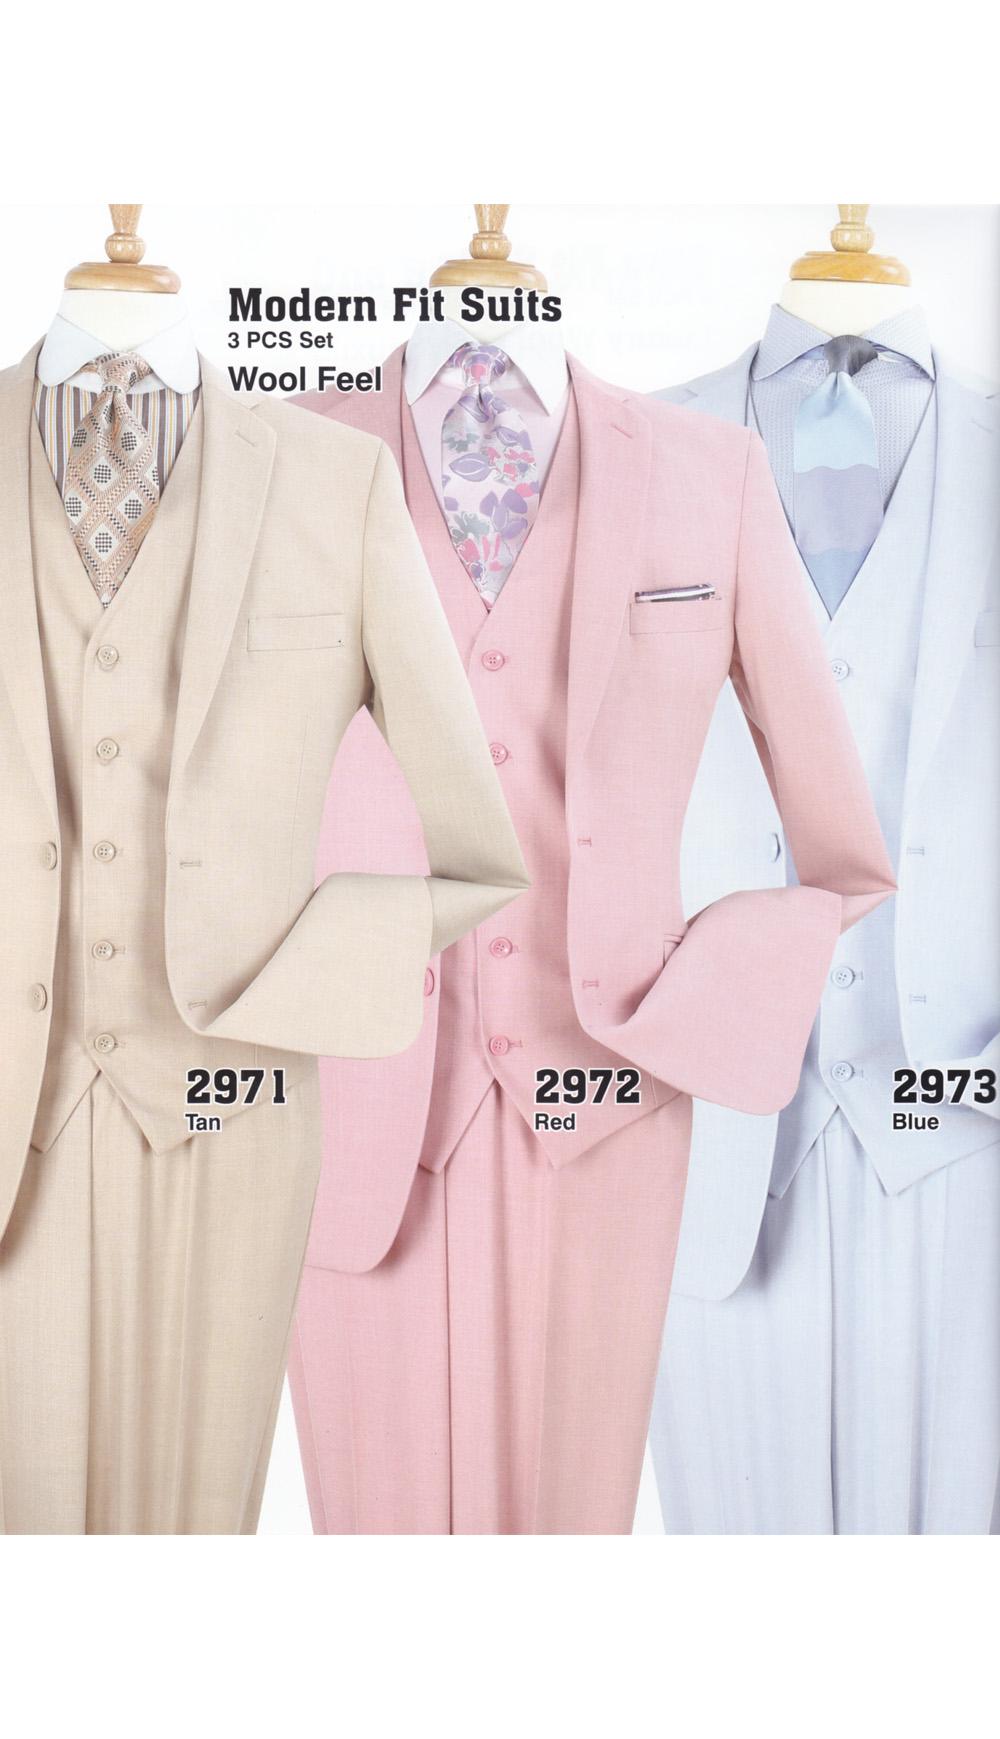 High Fashion Men Suits 2973